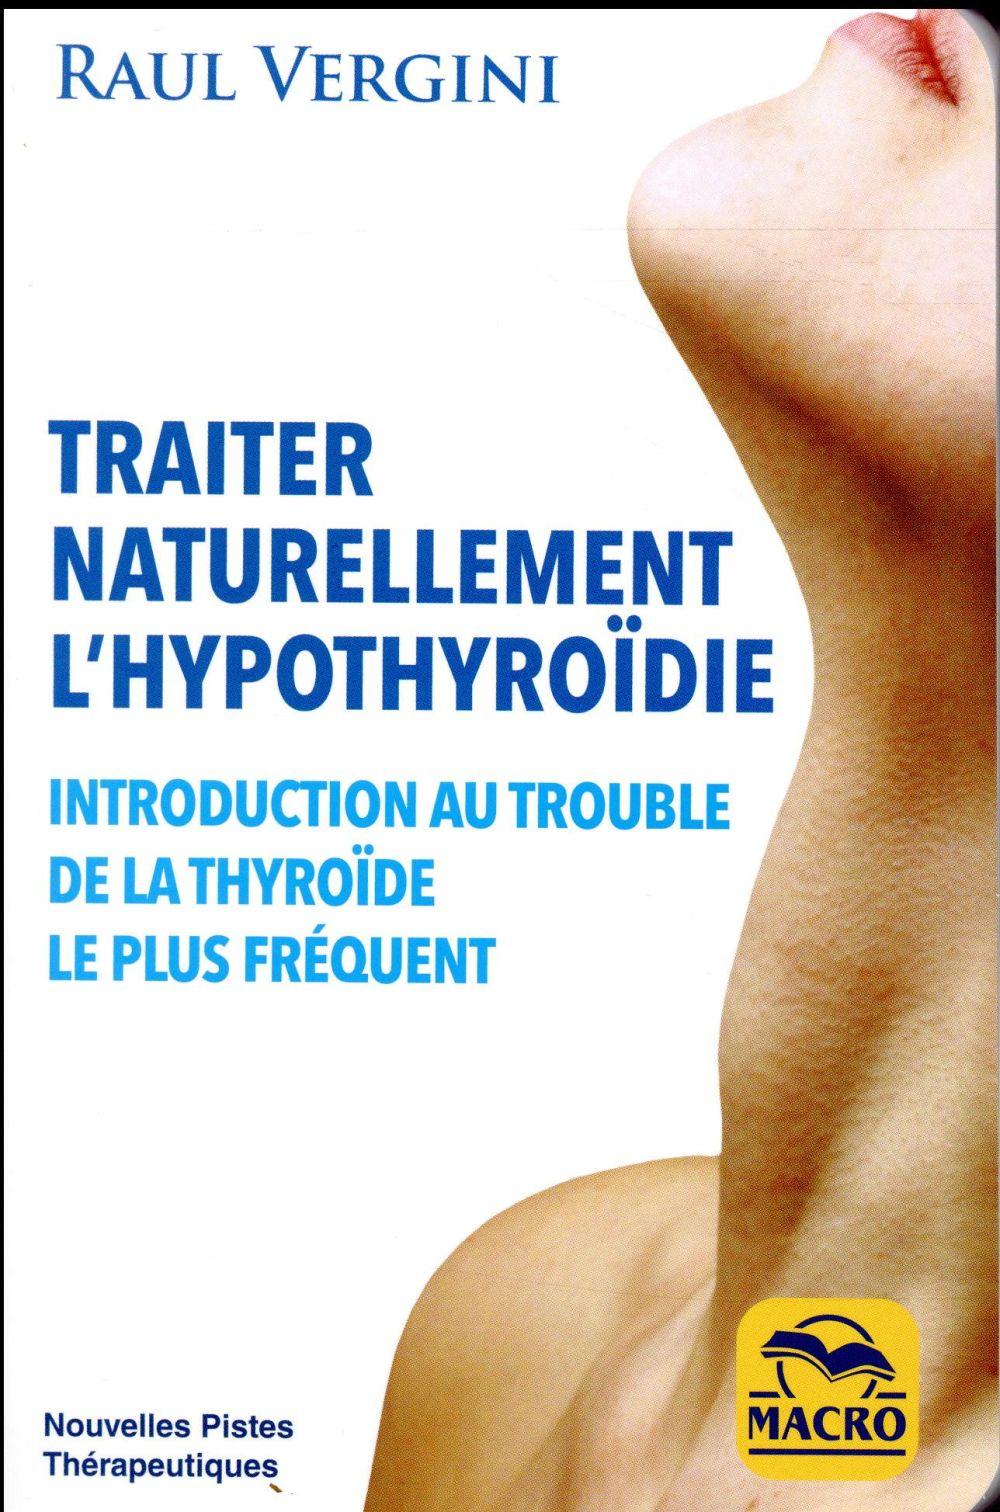 TRAITER NATURELLEMENT L HYPOTHIROIDIE - INTRODUCTION AU TROUBLE DE LA THYROIDE LE PLUS FREQUENT